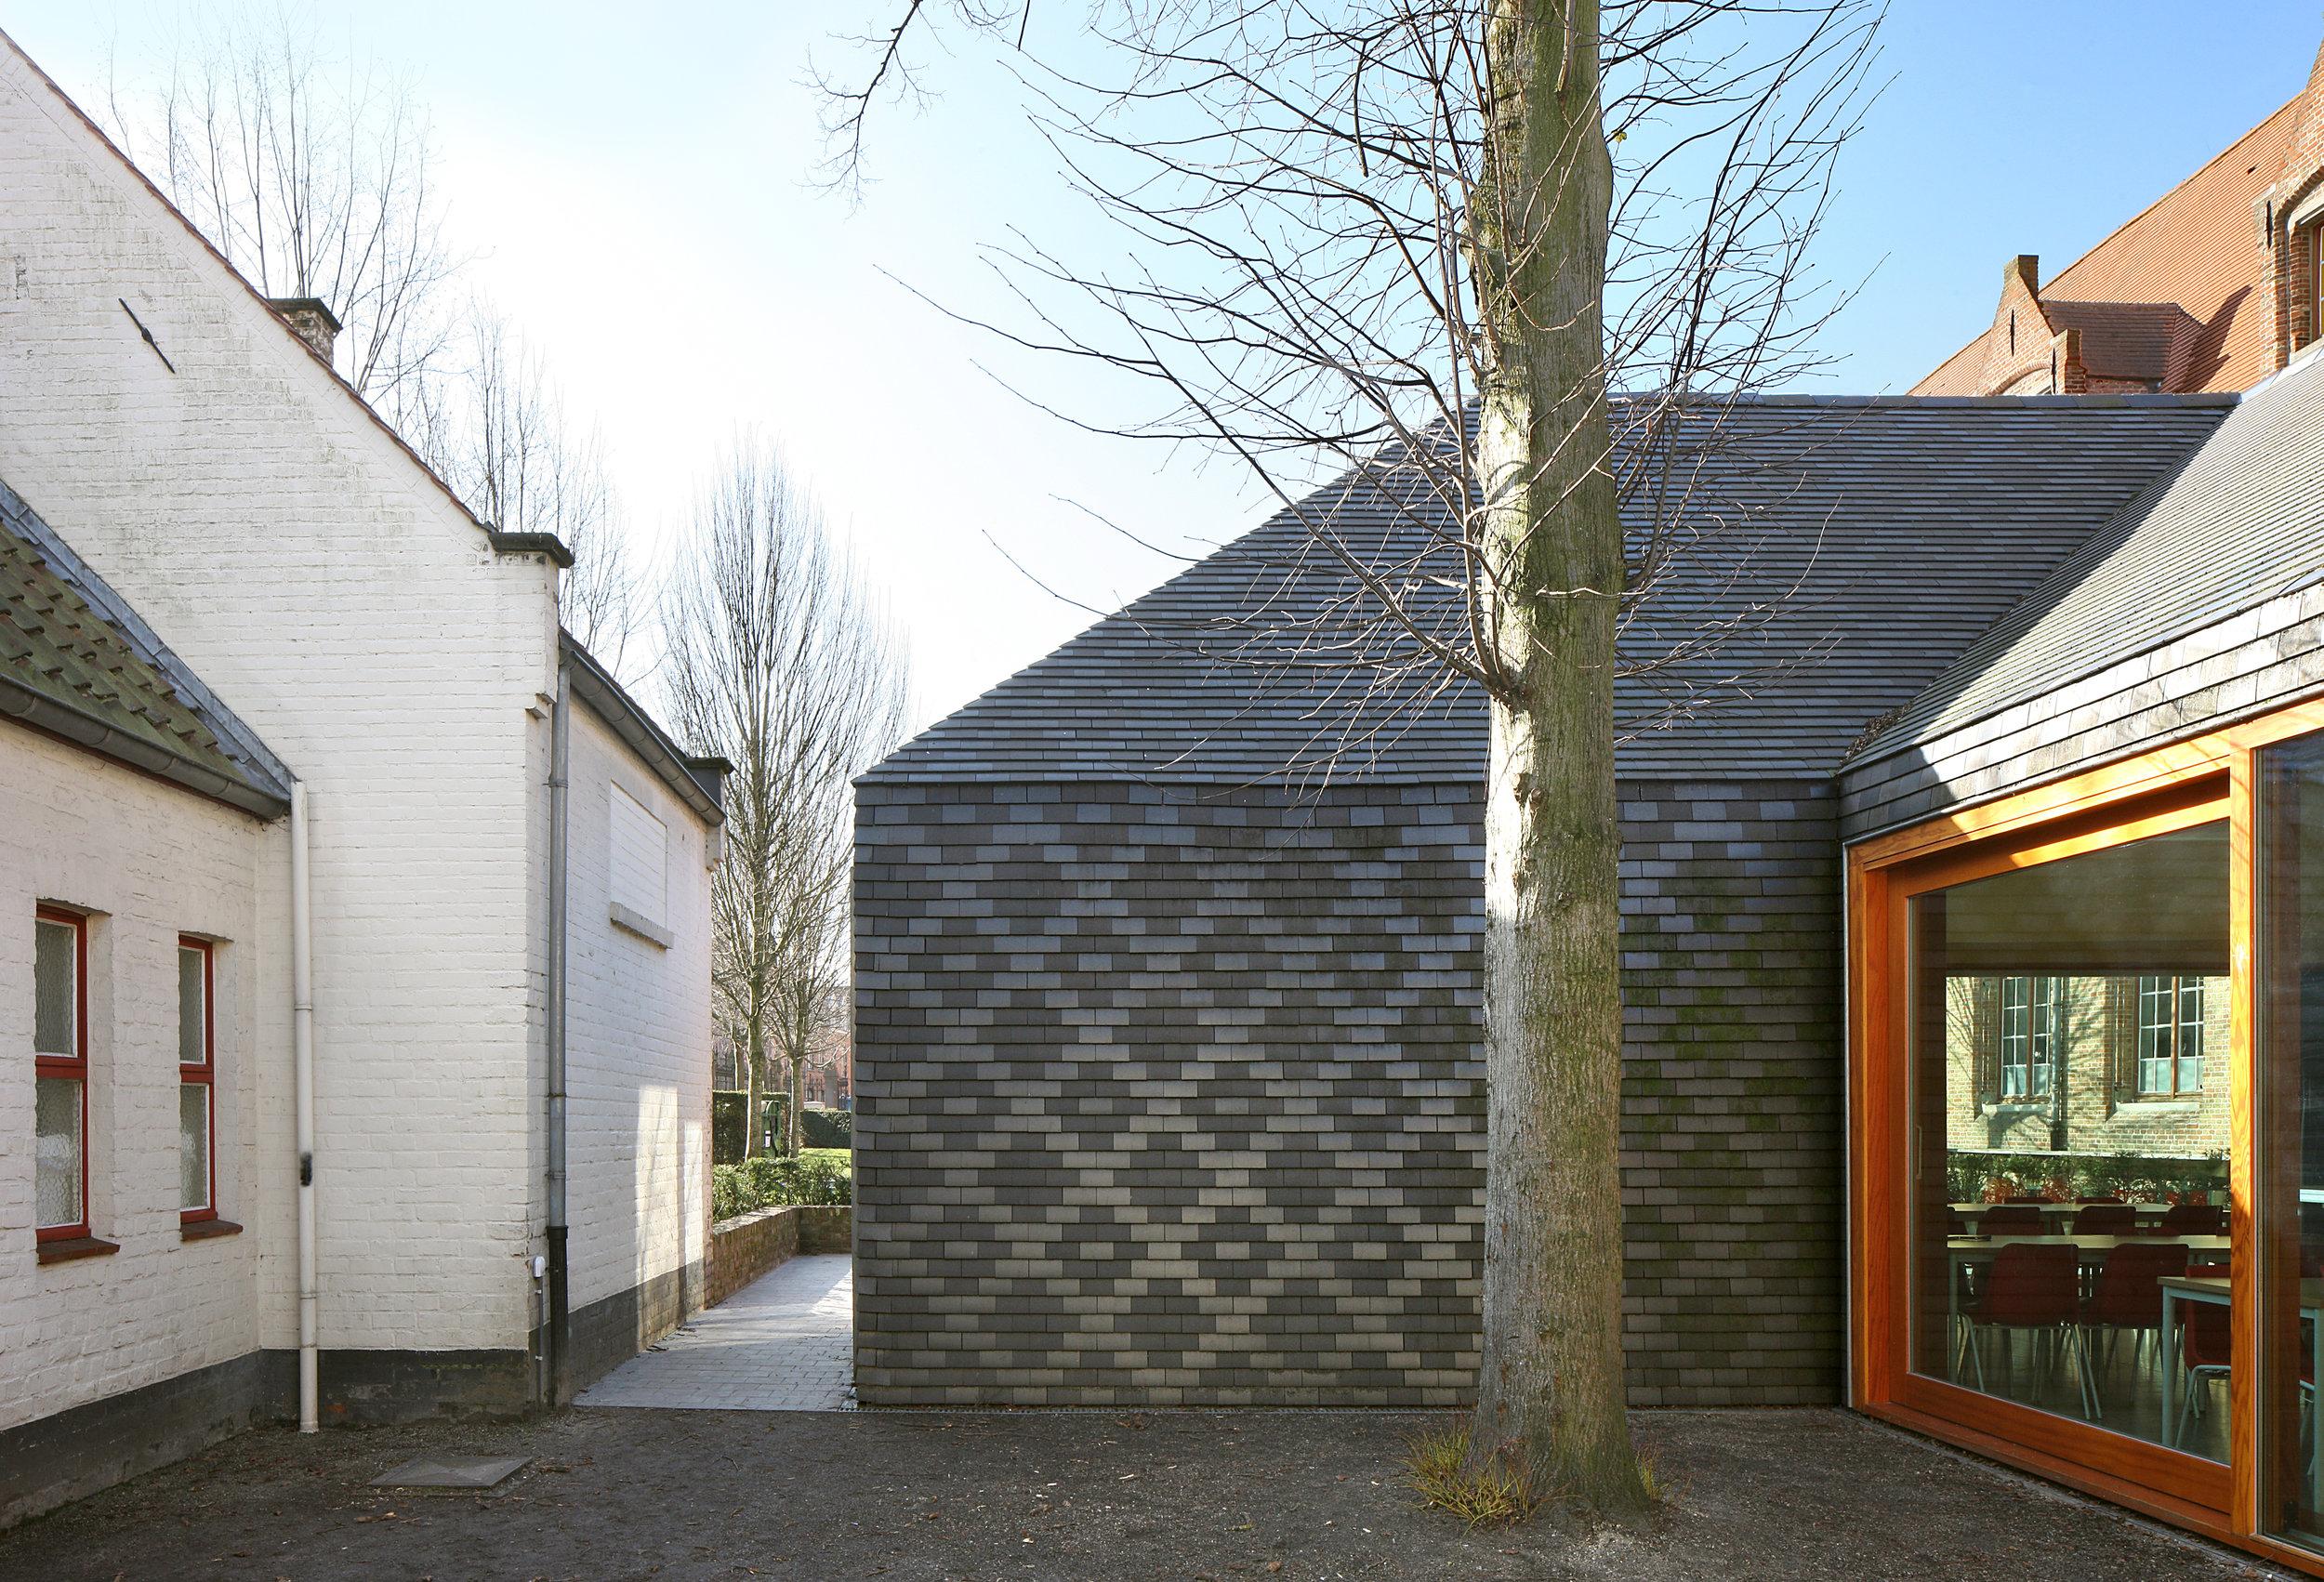 036 KSO-Brugge.jpg